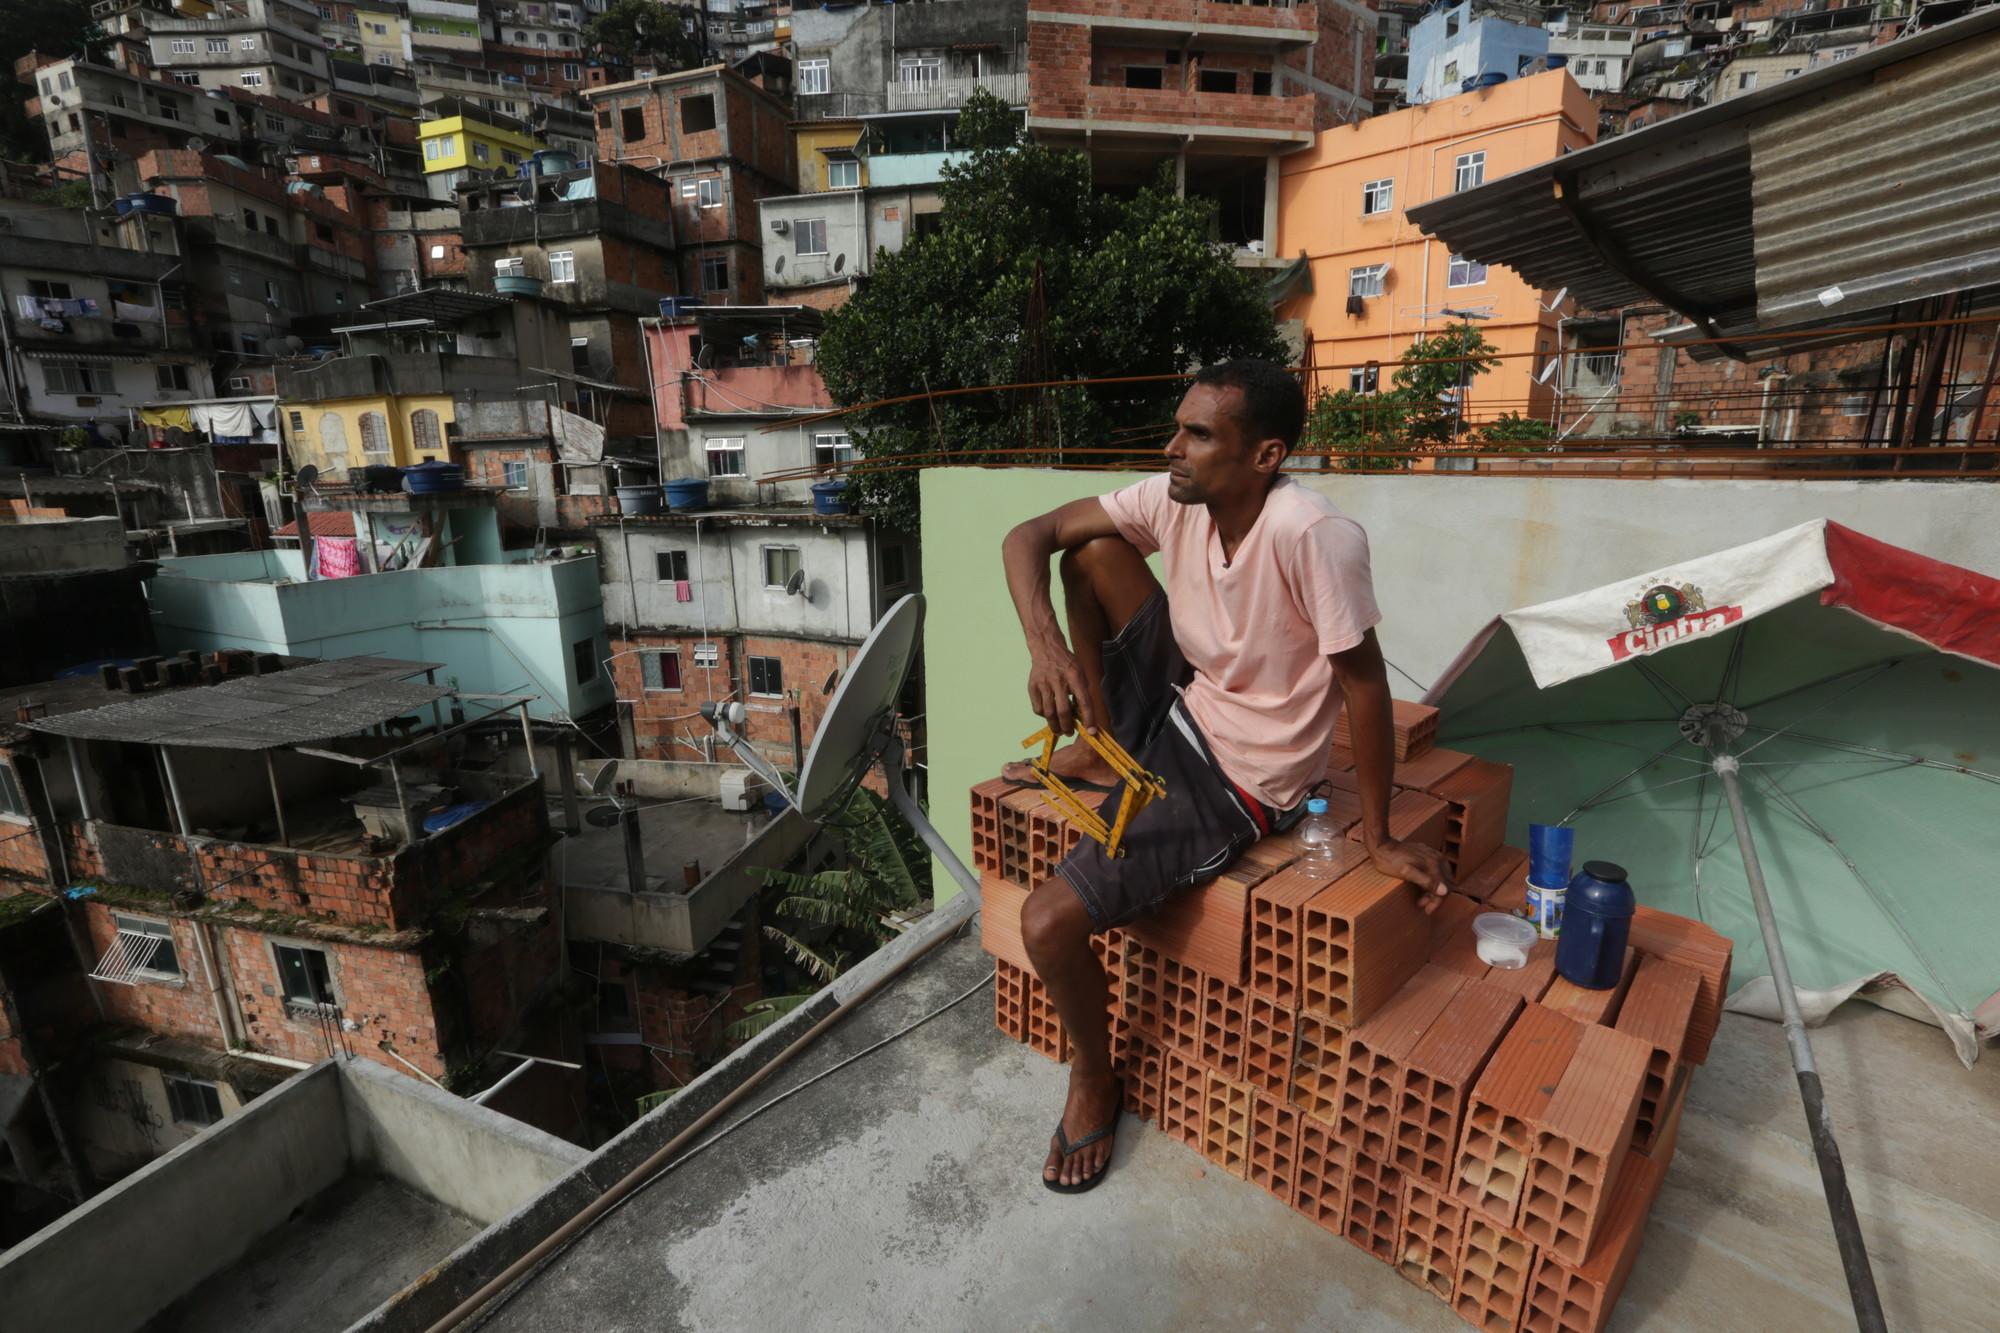 """Serie """"Arquitectura Rebelde"""" de Al Jazeera: Capítulo 6, """"El Albañil y el Planificador Urbano"""", Cortesía de Al Jazeera"""